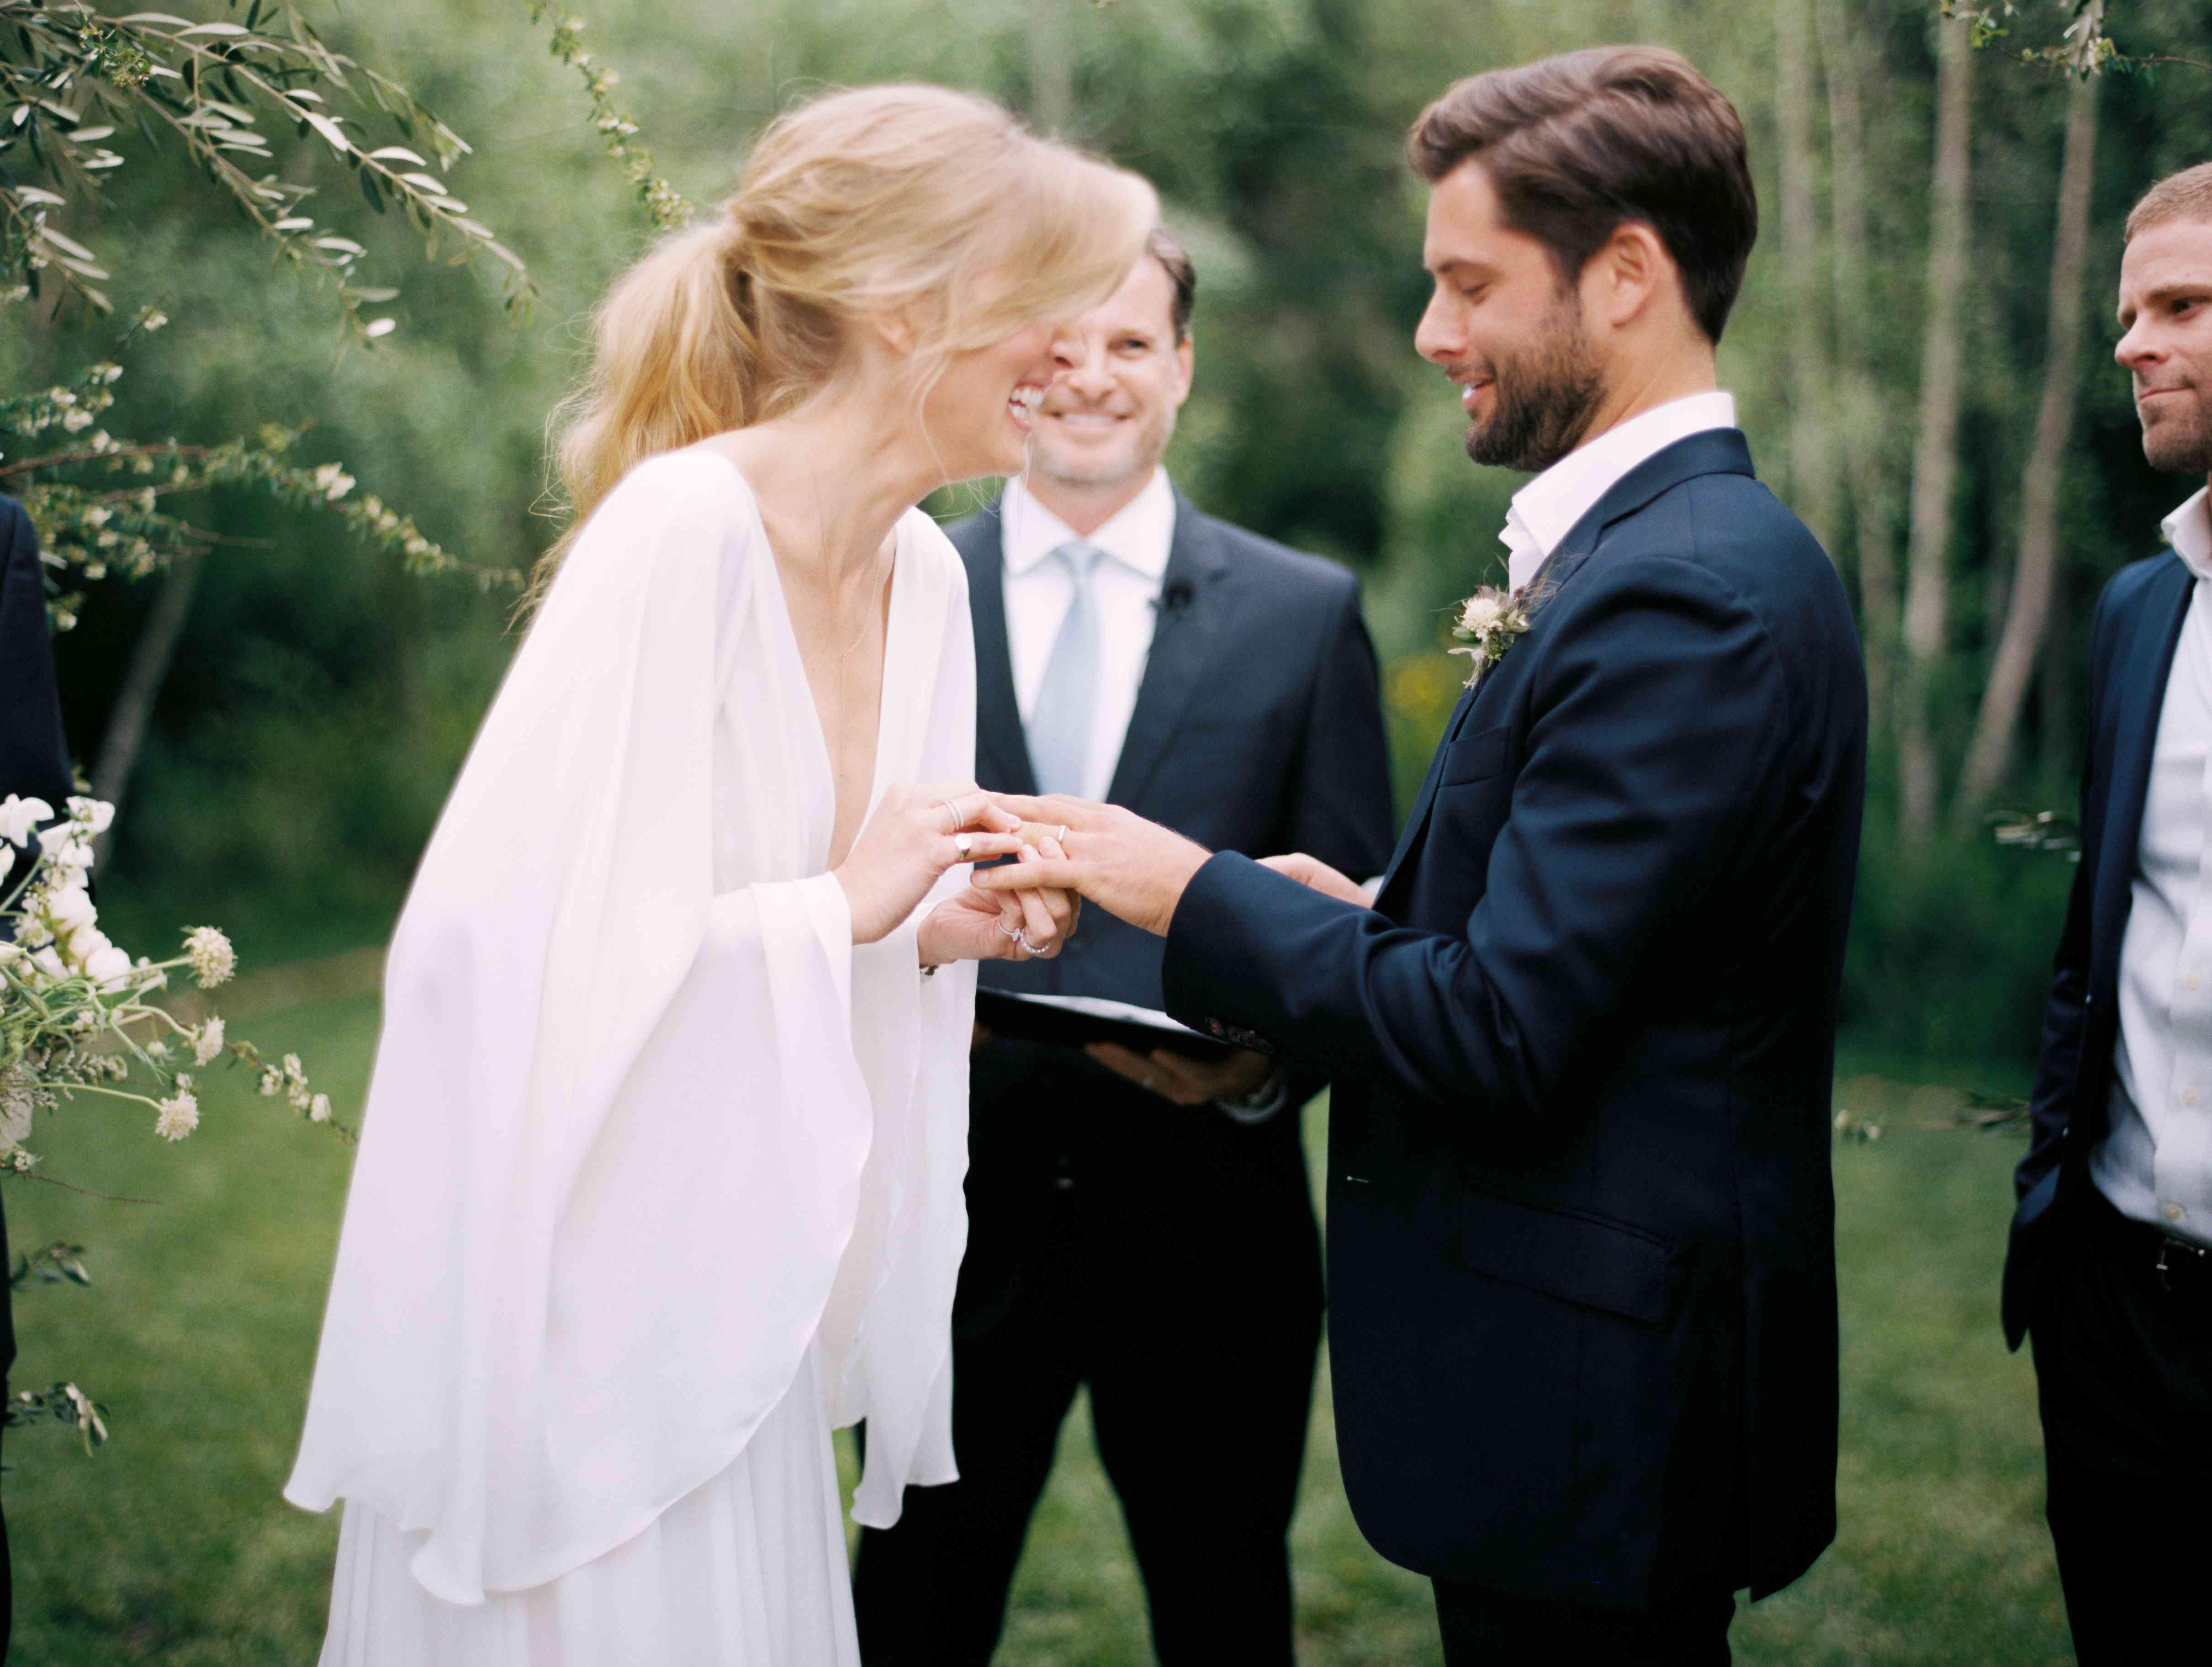 ceremony ring exchange